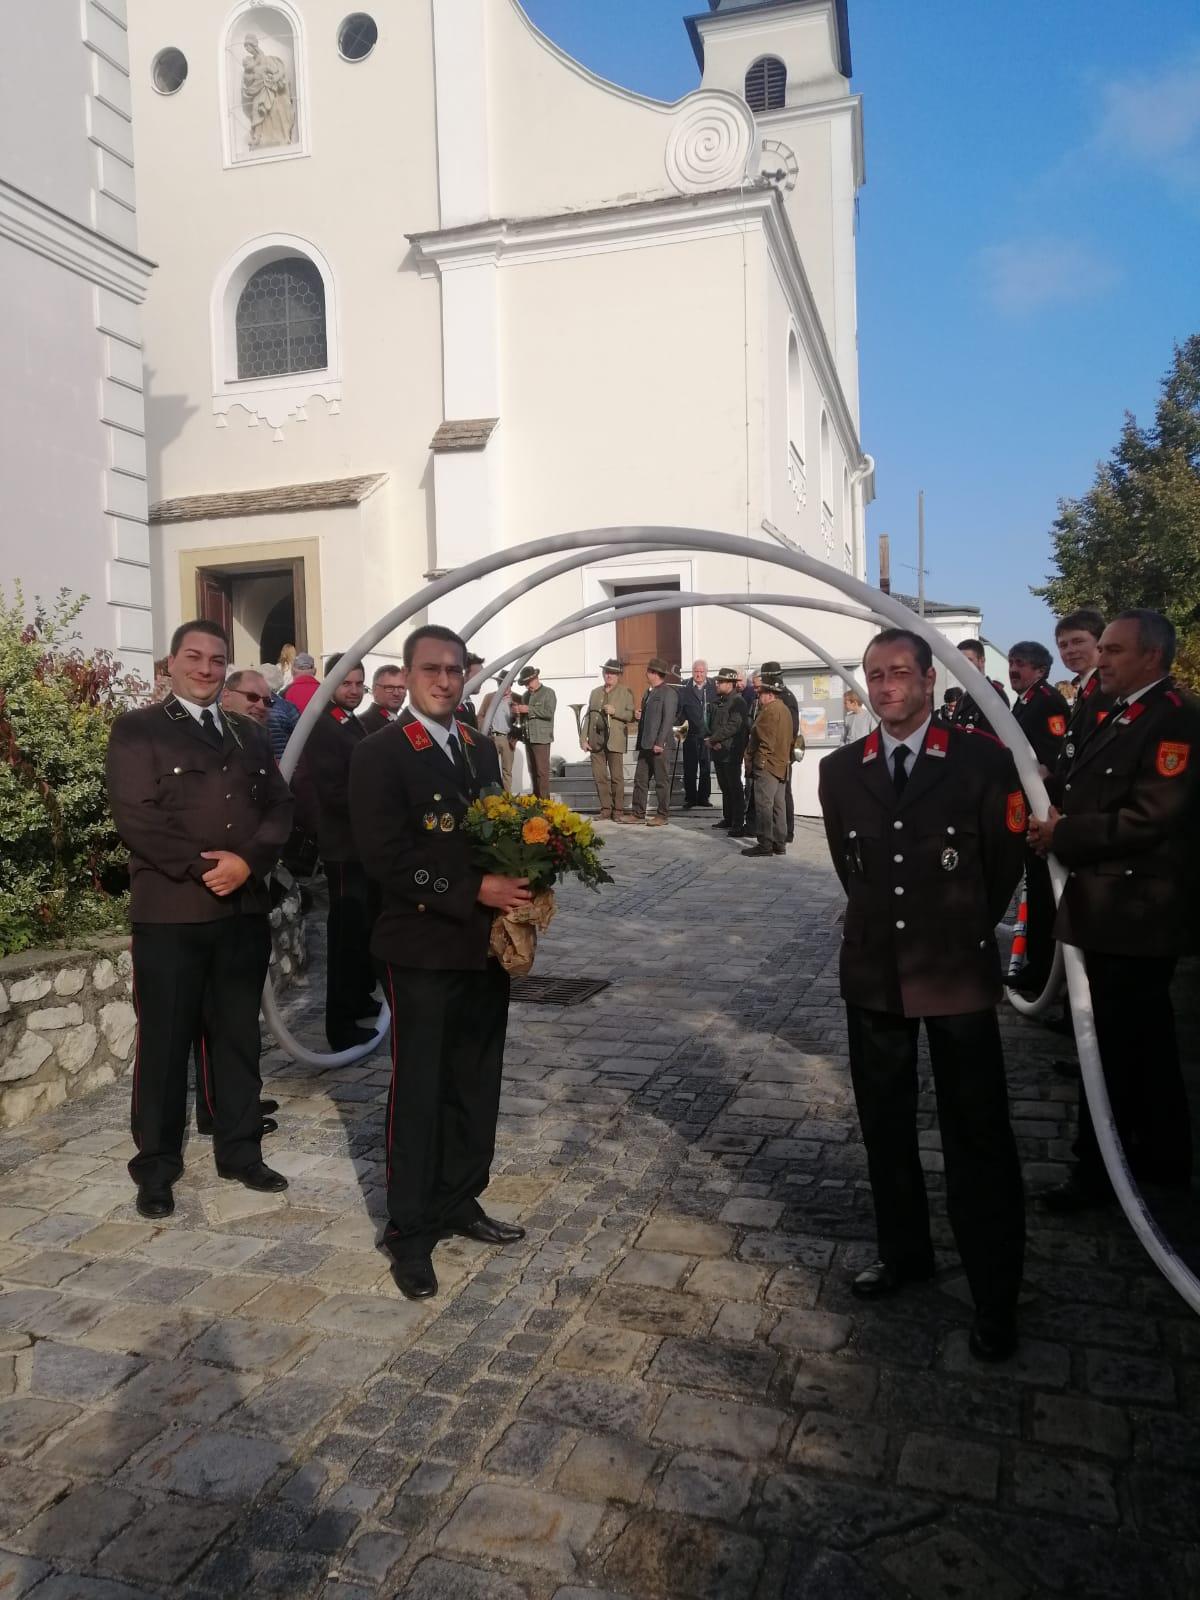 Vor der Kirche bauten die Kameraden einen Schlauchtunnel für Braut und Bräutigam auf.